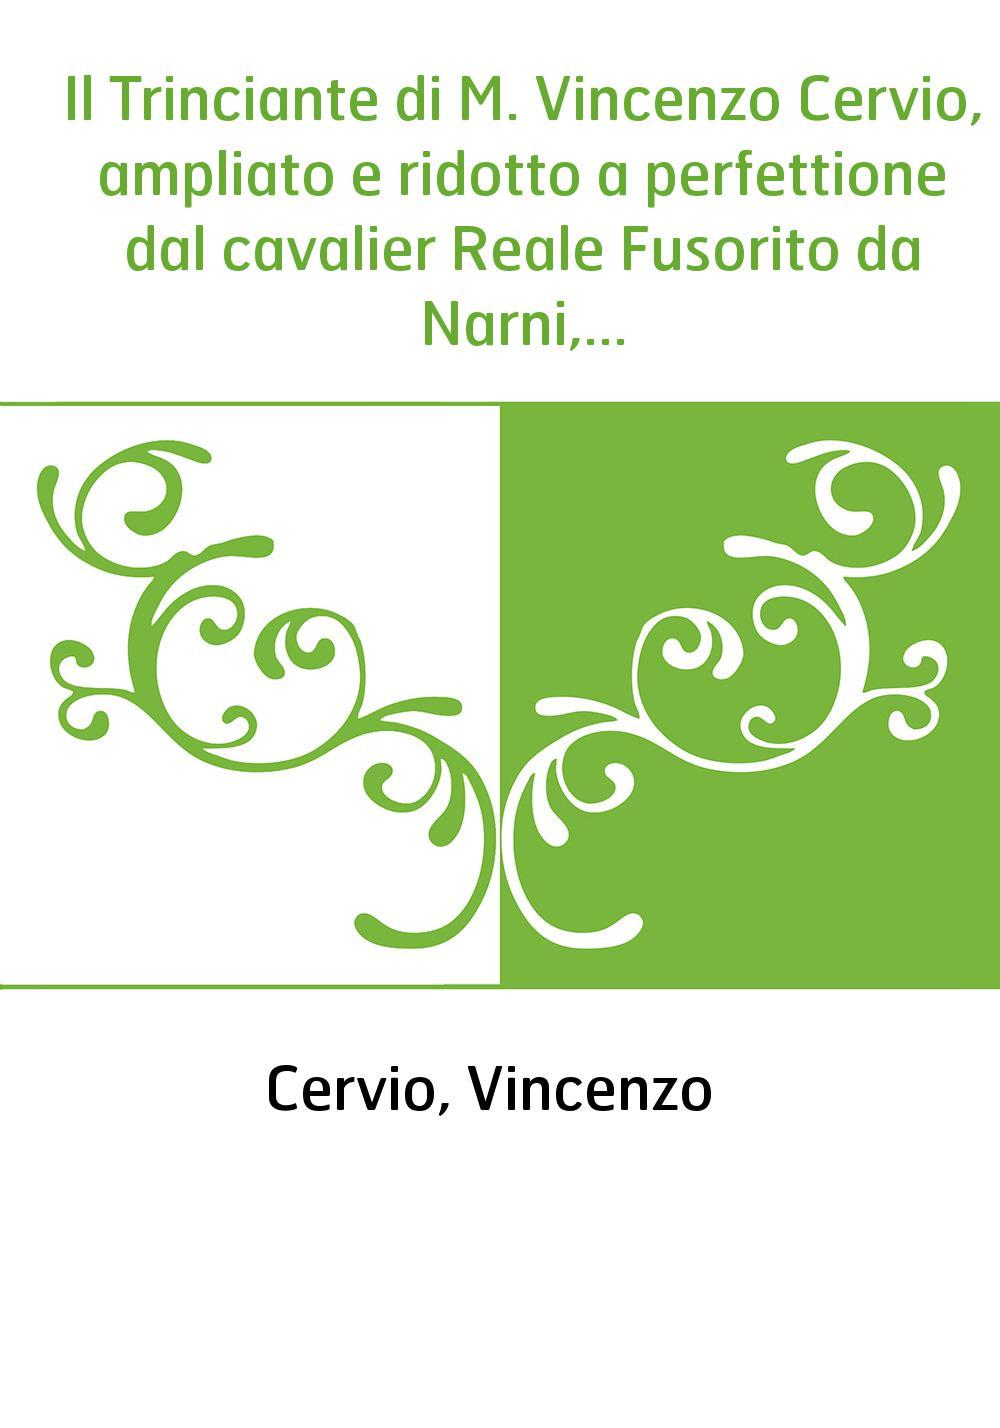 Il Trinciante di M. Vincenzo Cervio, ampliato e ridotto a perfettione dal cavalier Reale Fusorito da Narni,...